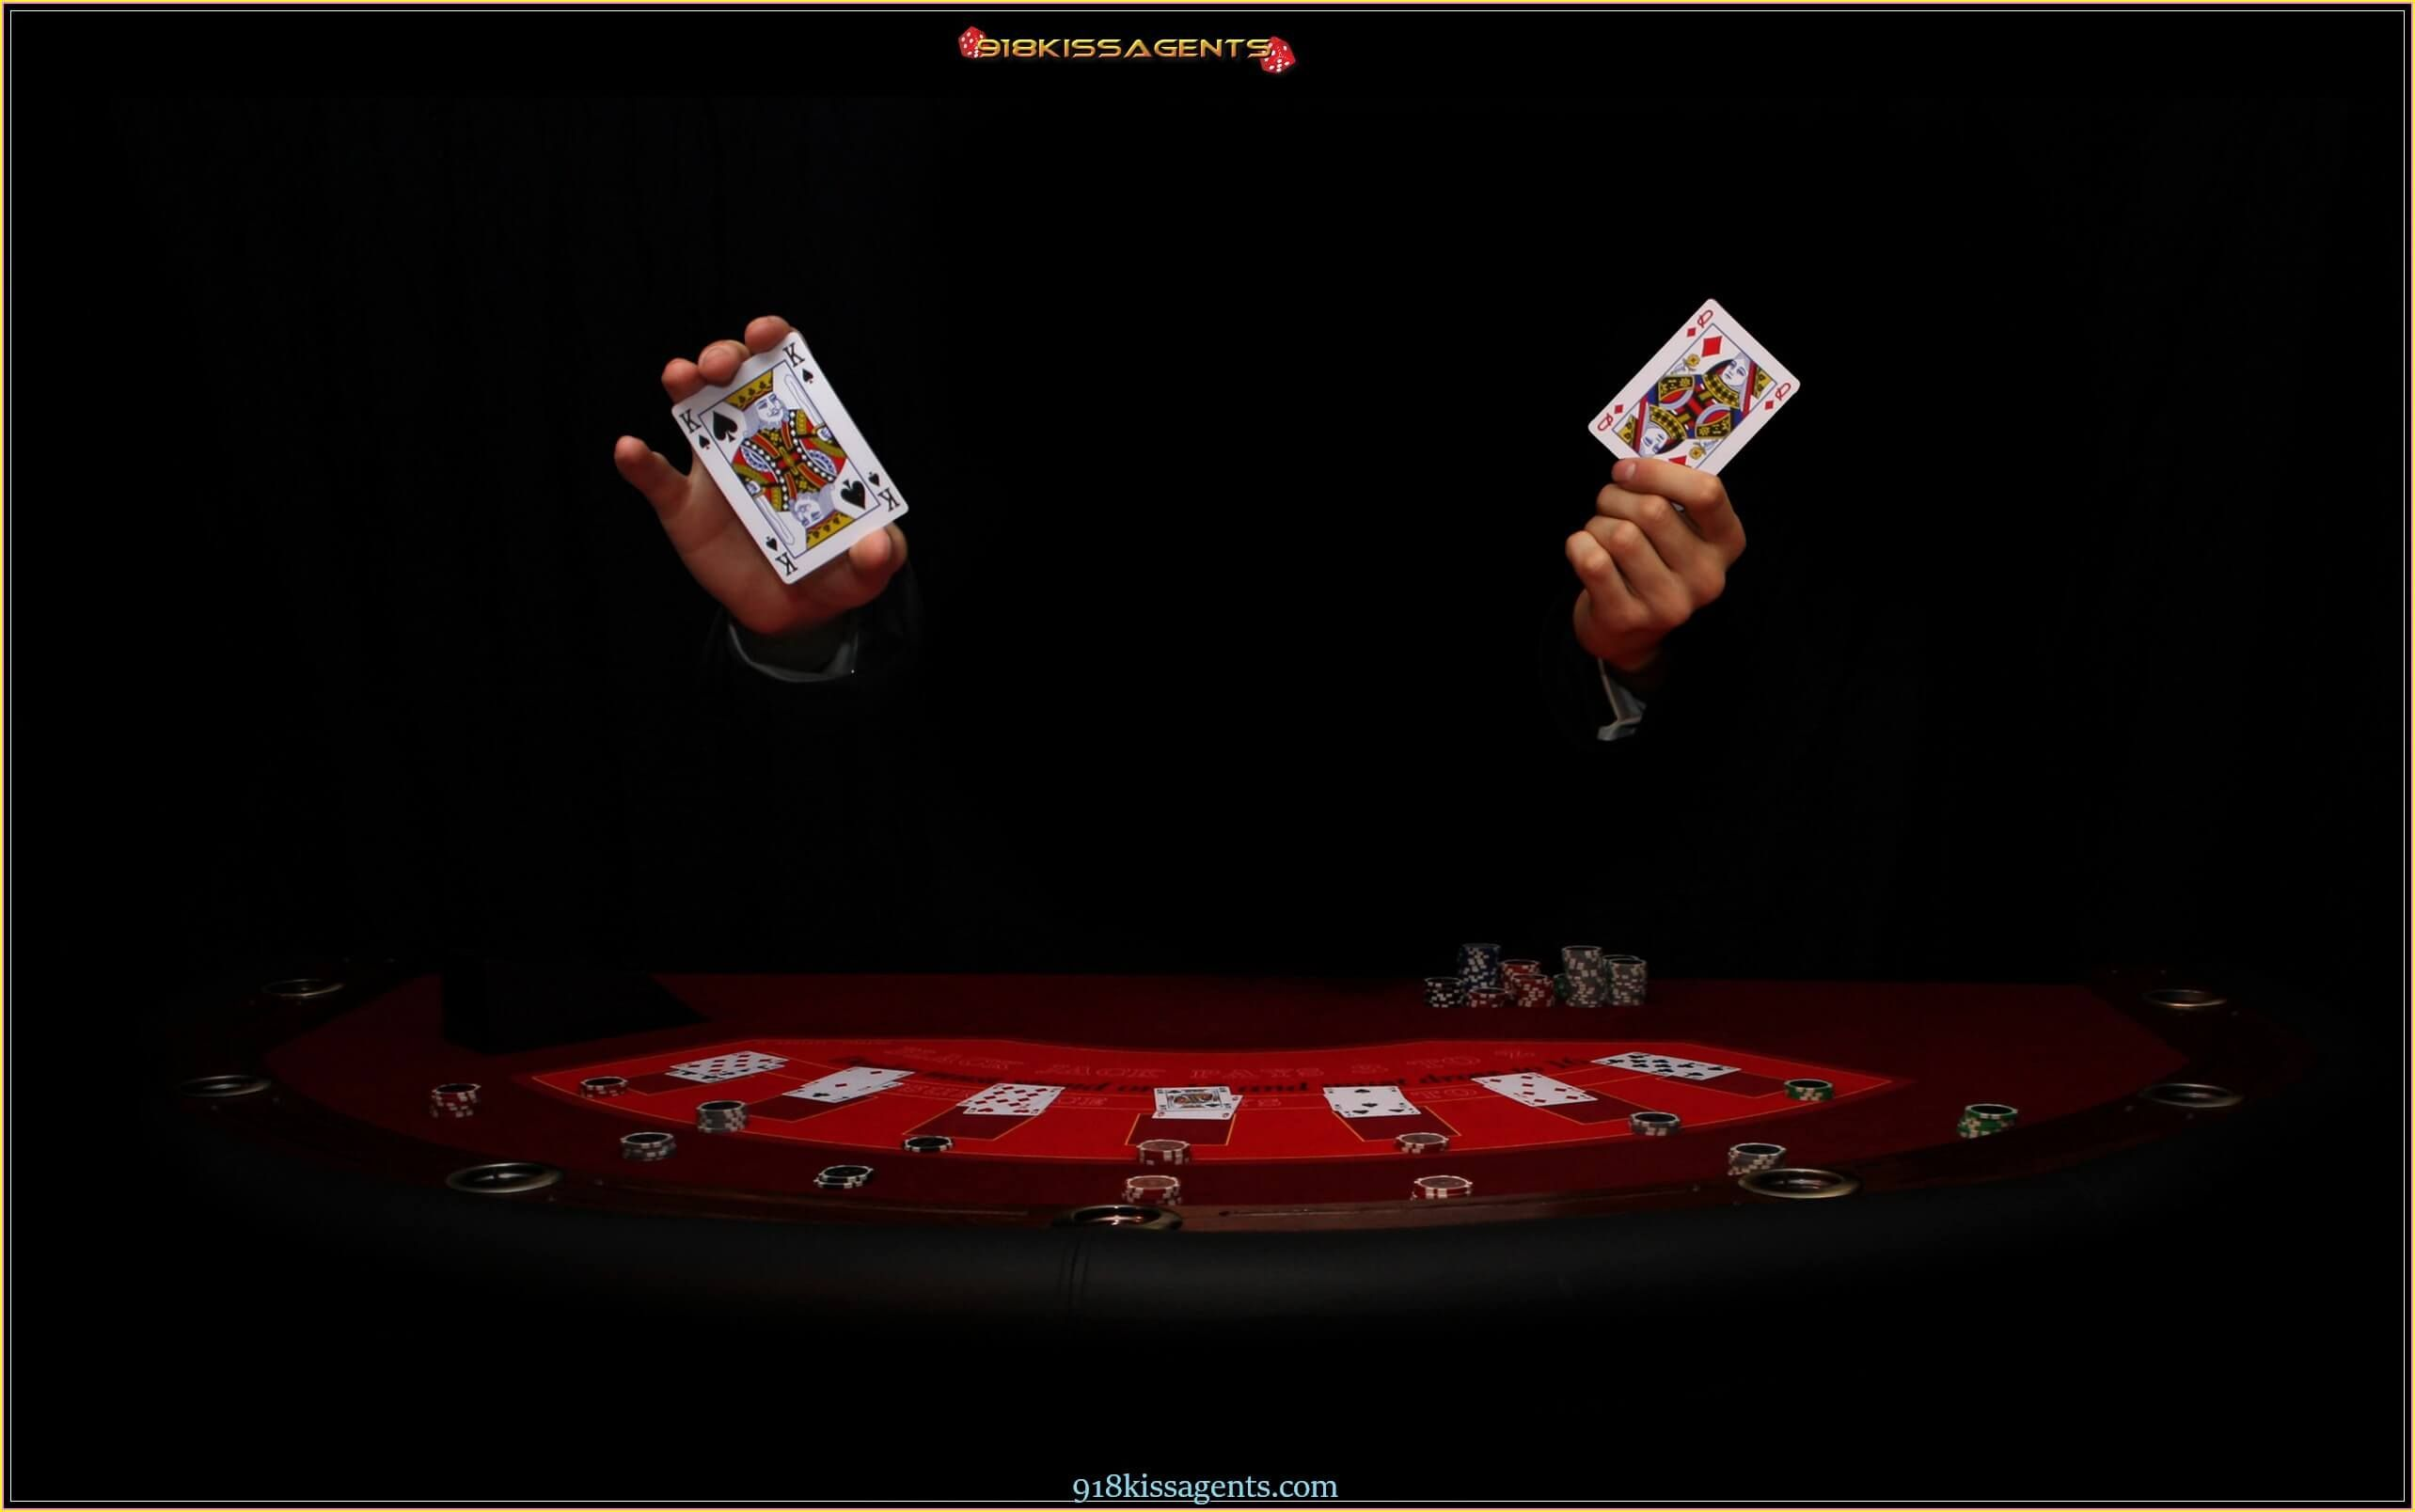 Скачать правила карточных игр в казино поле играть карты